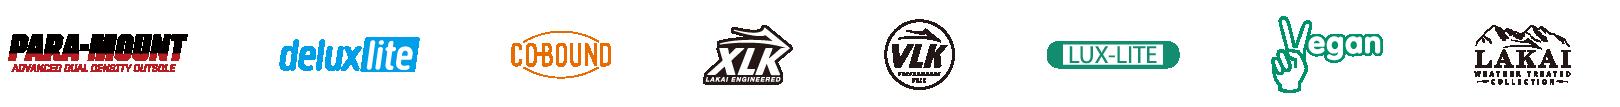 lakai-tech-logos